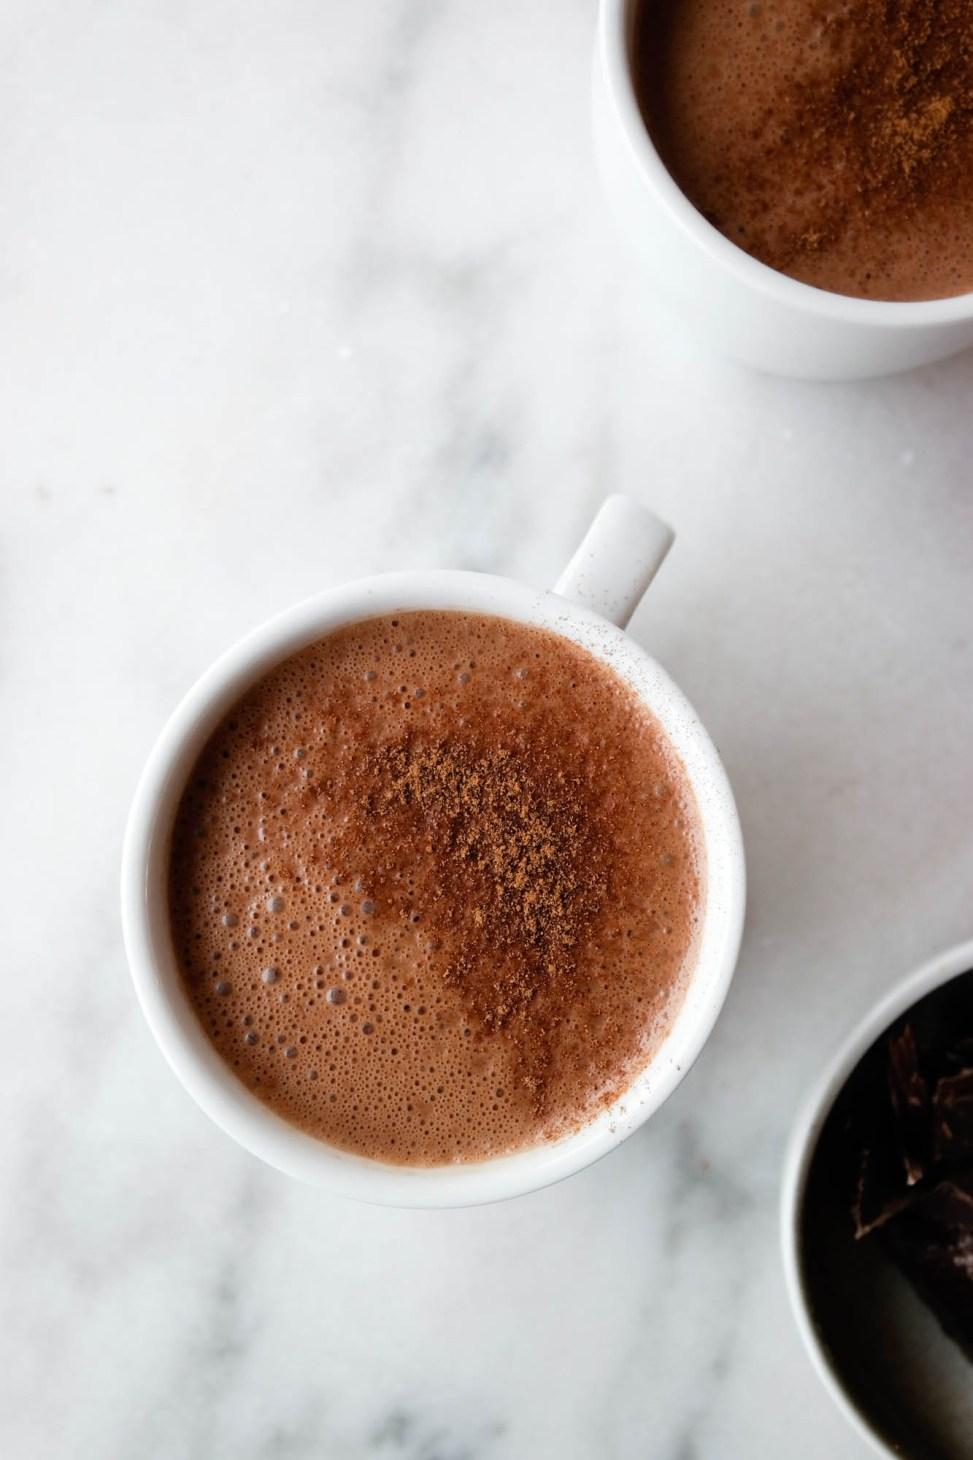 Ordentlig, indulging, luksusvarianten av kakao, rett og slett. Varm sjokolade i mitt hjerte!